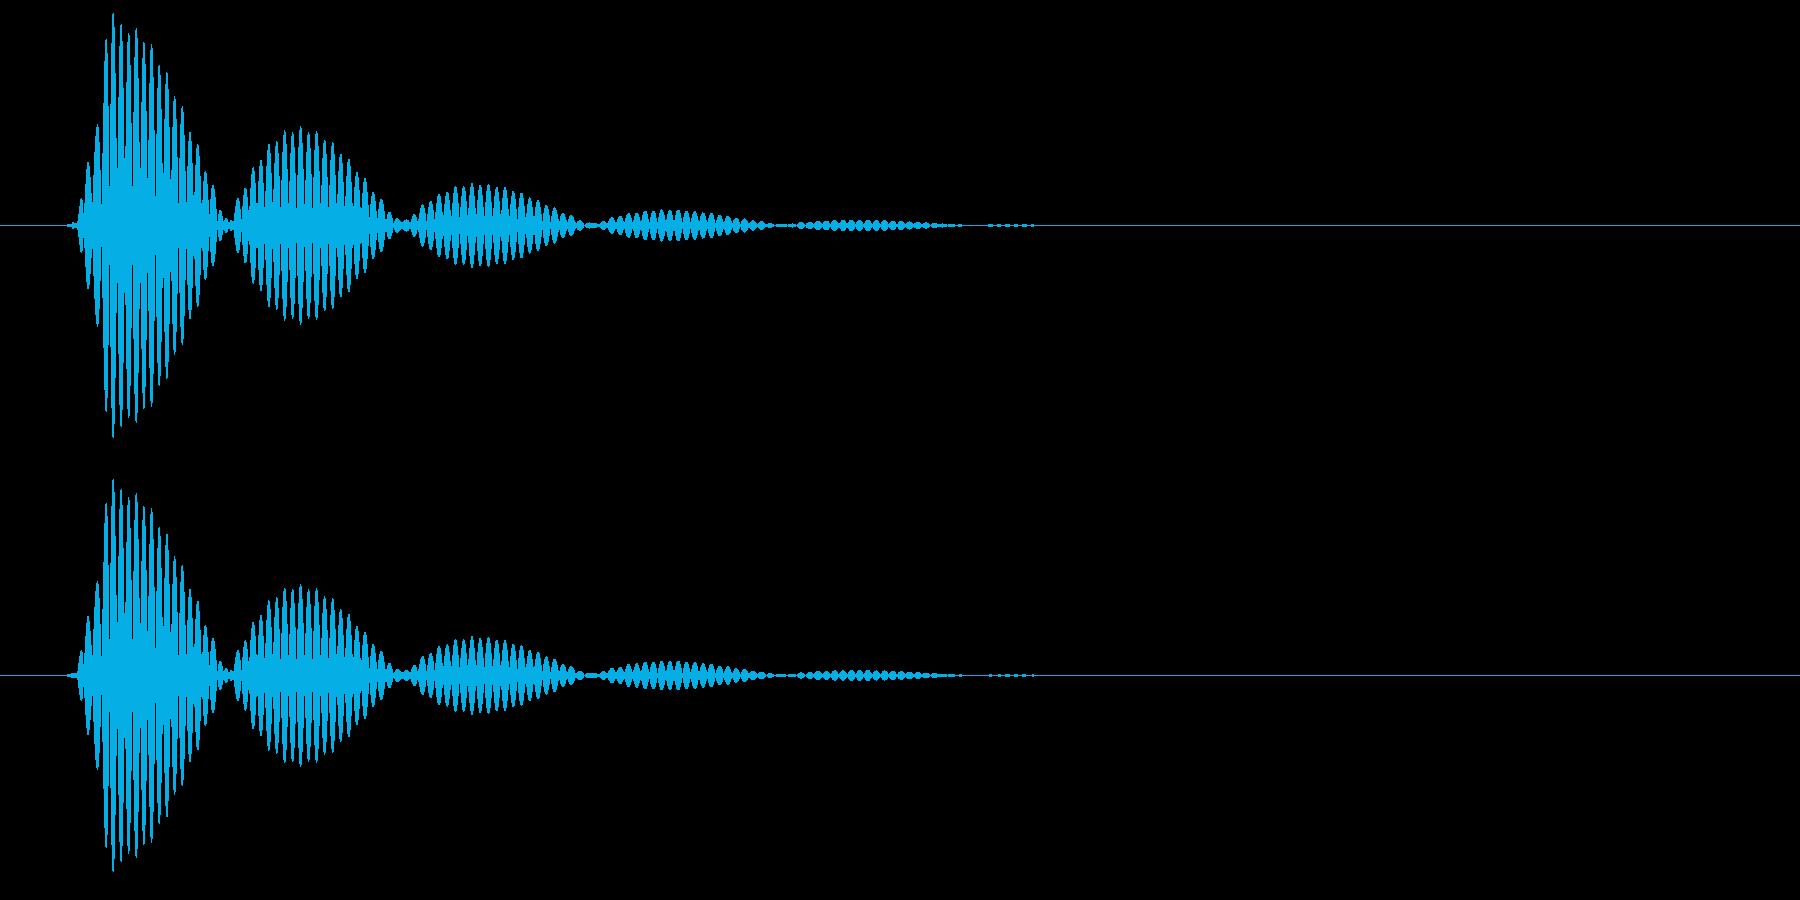 ポンヒュー(変化あり)の再生済みの波形